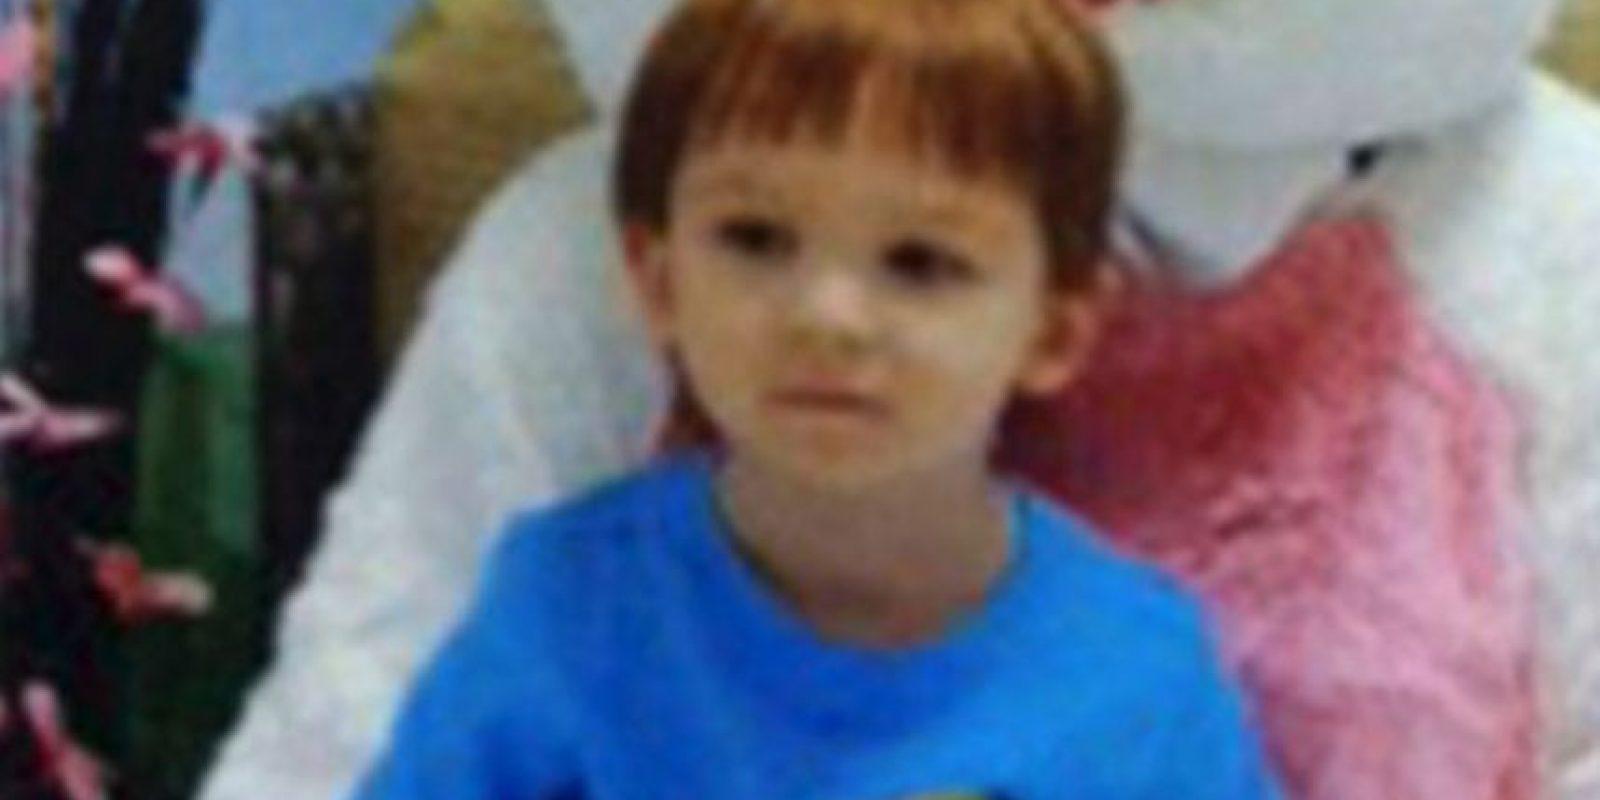 El niño murió en manos de su madre y su novio Foto: The Chester County Prosecutor's Office